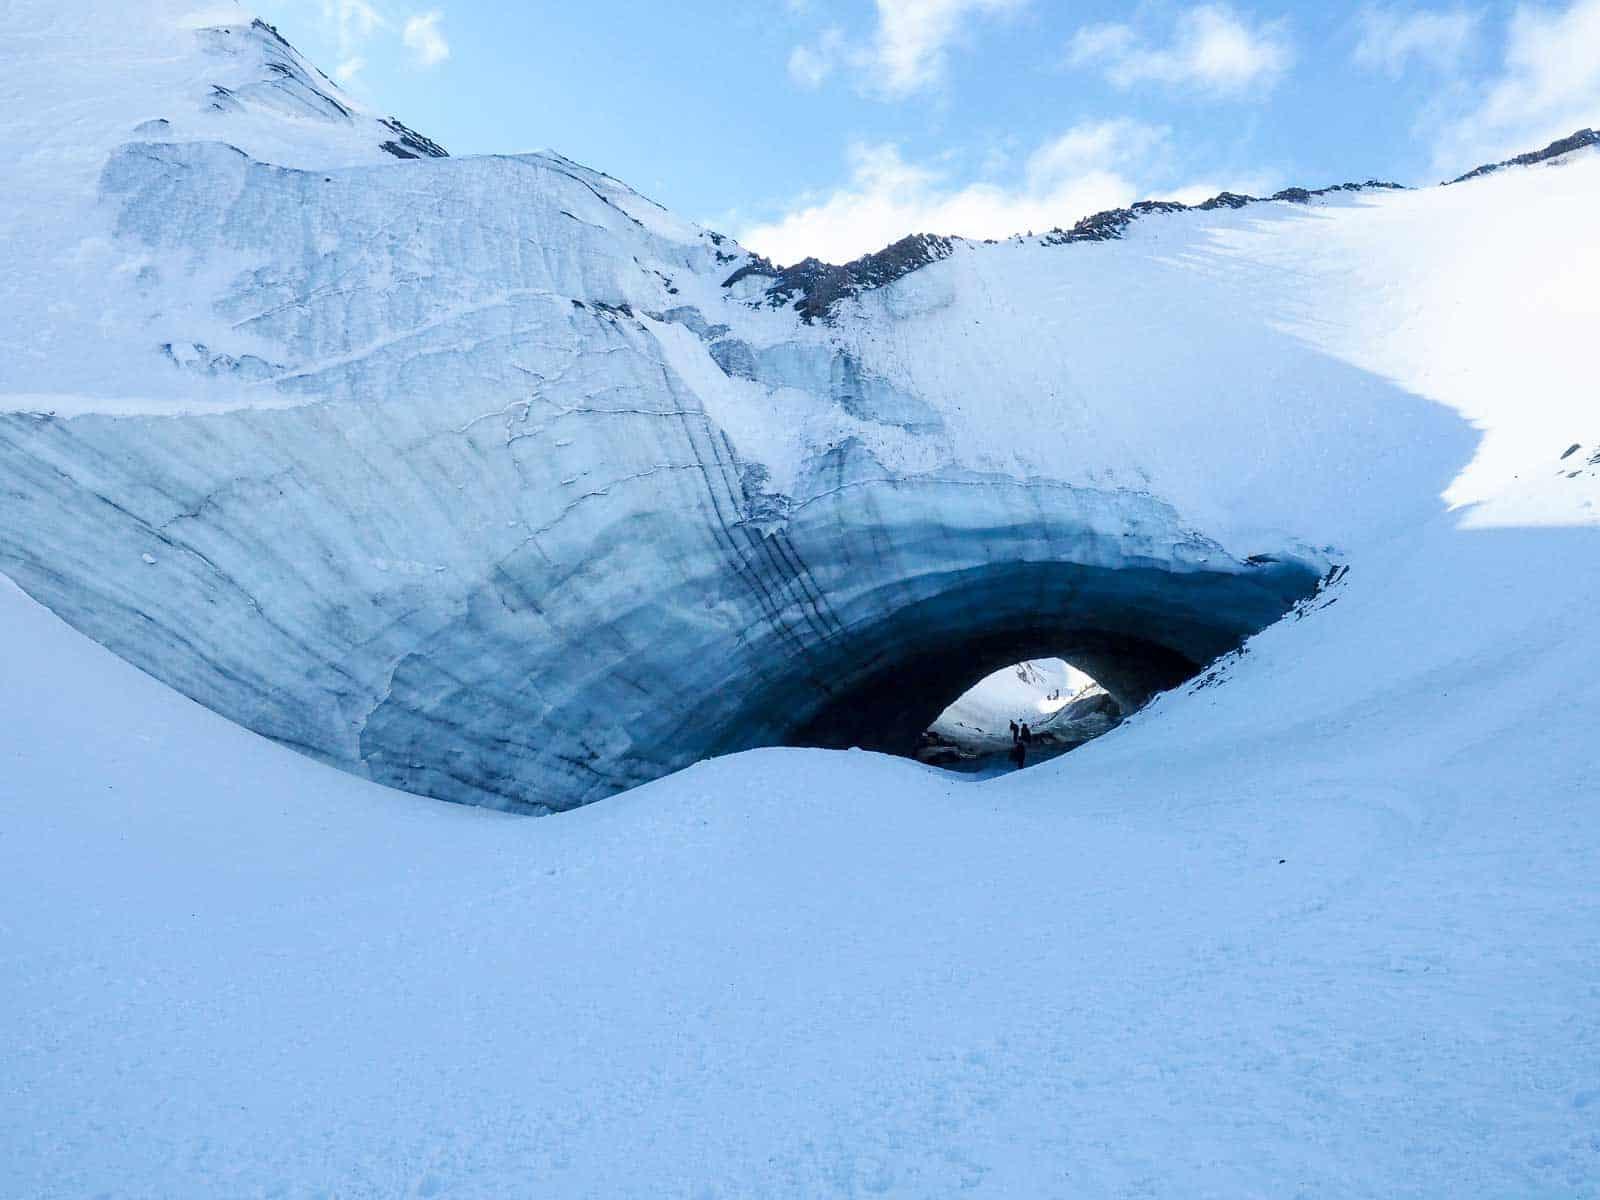 Eishoehle? Eistunnel? Der erste Anblick ist jedenfalls atemberaubend. Foto Faszination Kanada